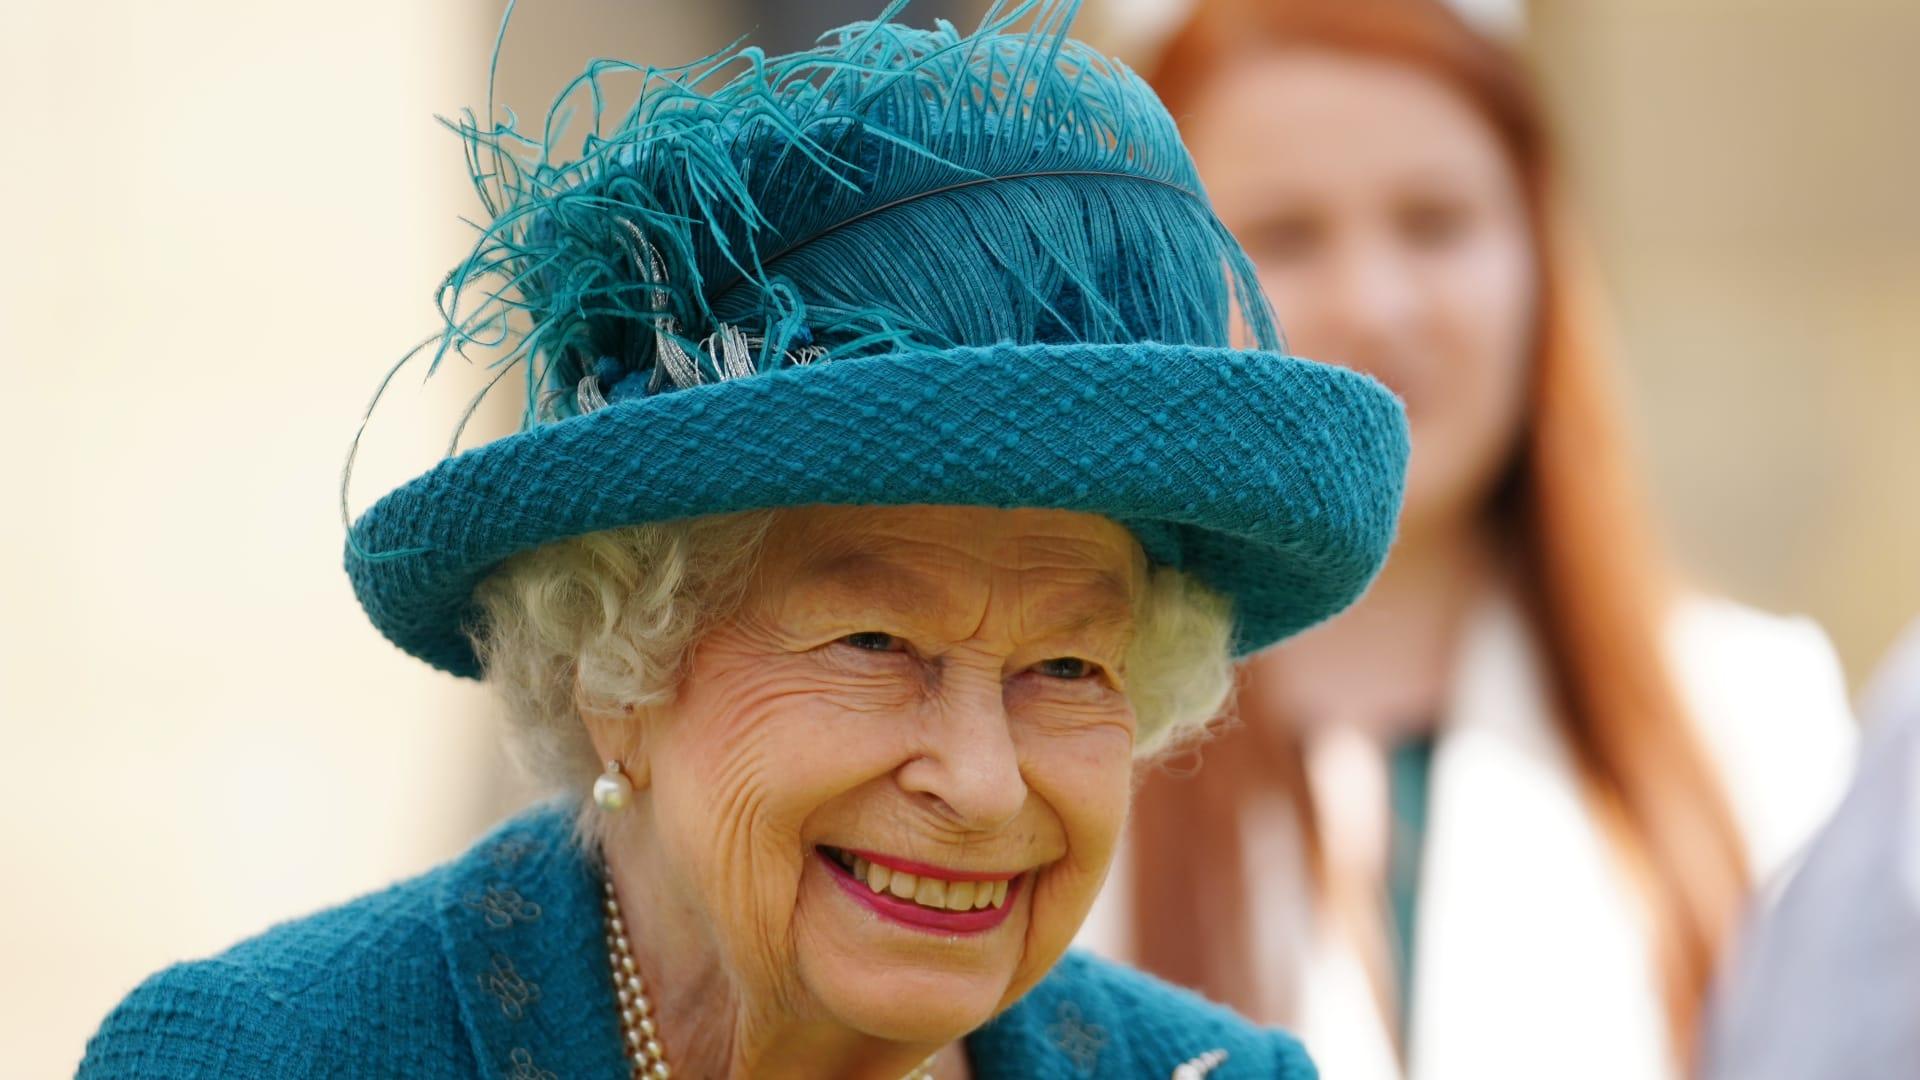 الملكة إليزابيث الثانية خلال زيارتها كاتدرائية مانشستر في 8 يوليو 2021